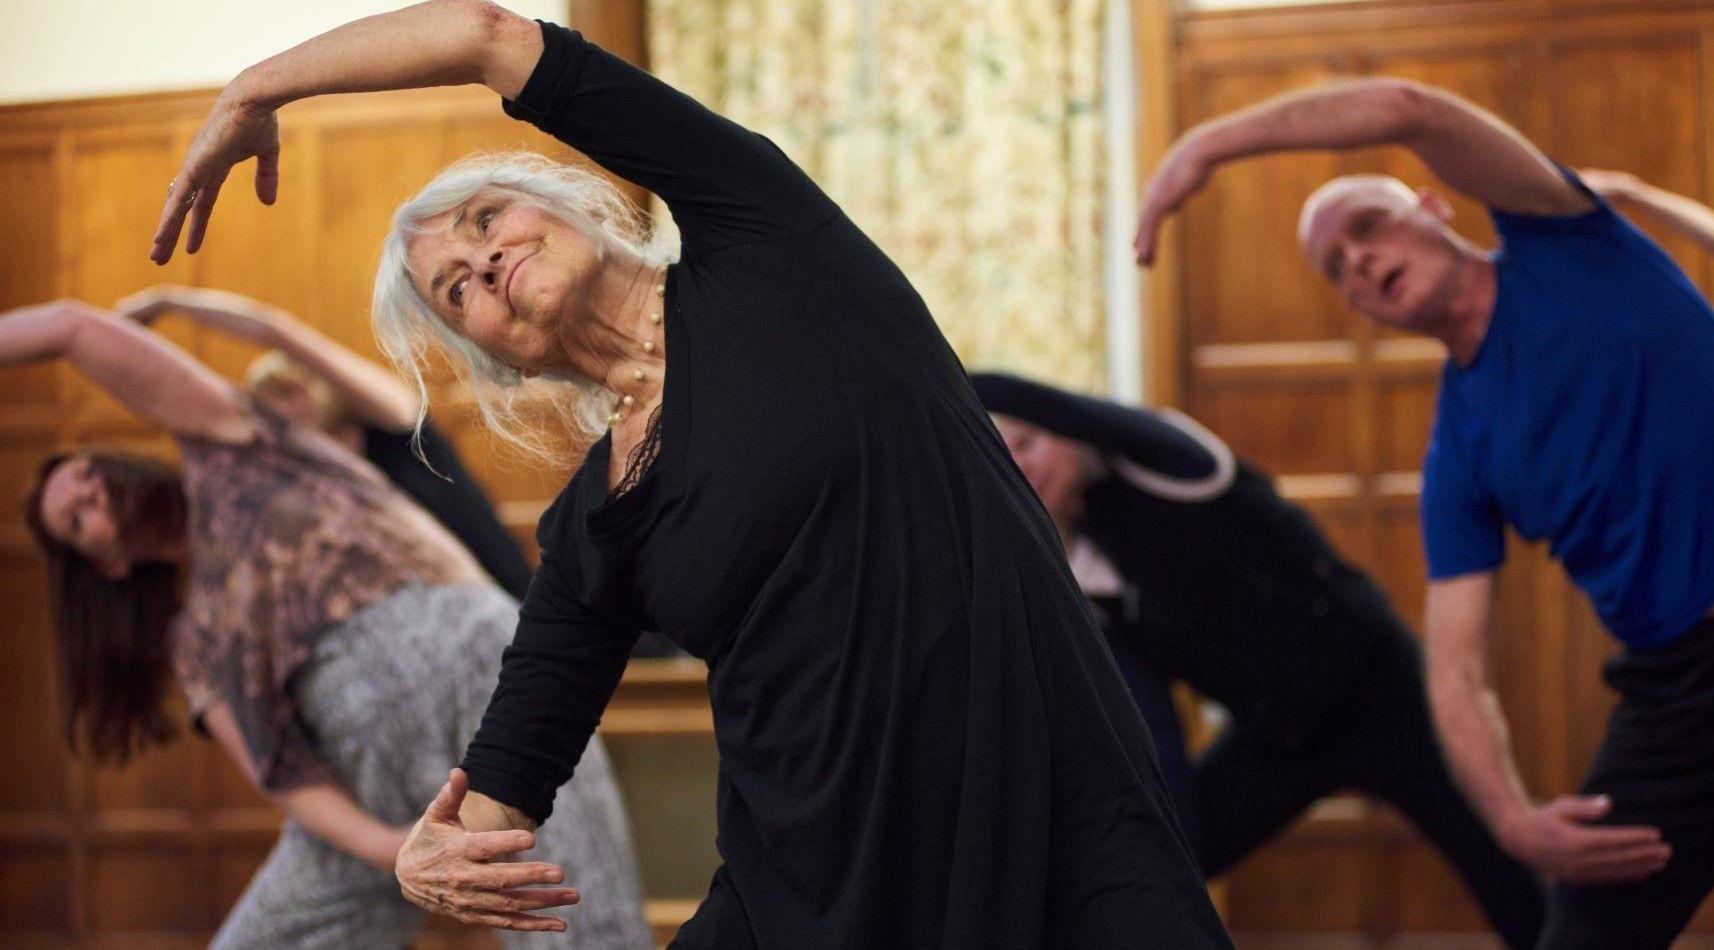 Older dancers stretching